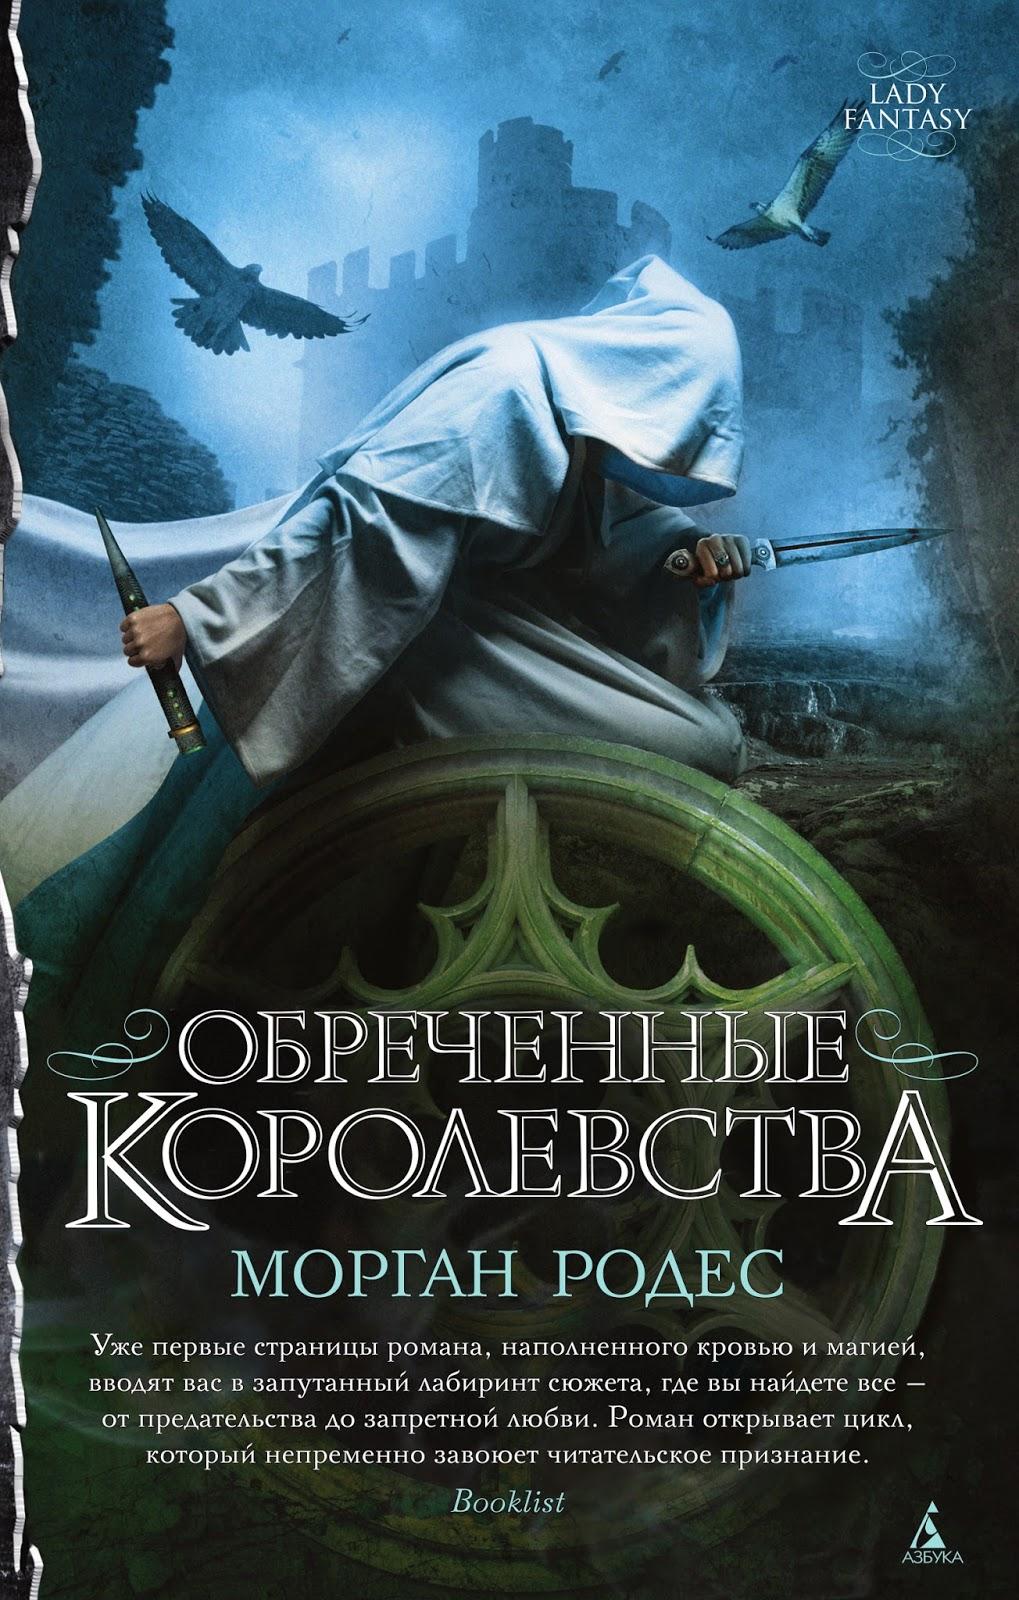 РОДЕС МОРГАН КНИГИ СКАЧАТЬ БЕСПЛАТНО